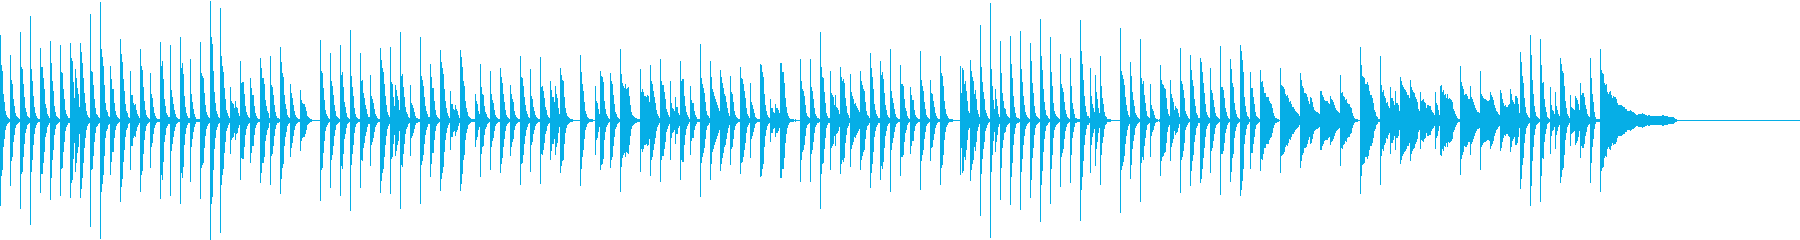 たんたんとした日常会話に合う音楽の再生済みの波形